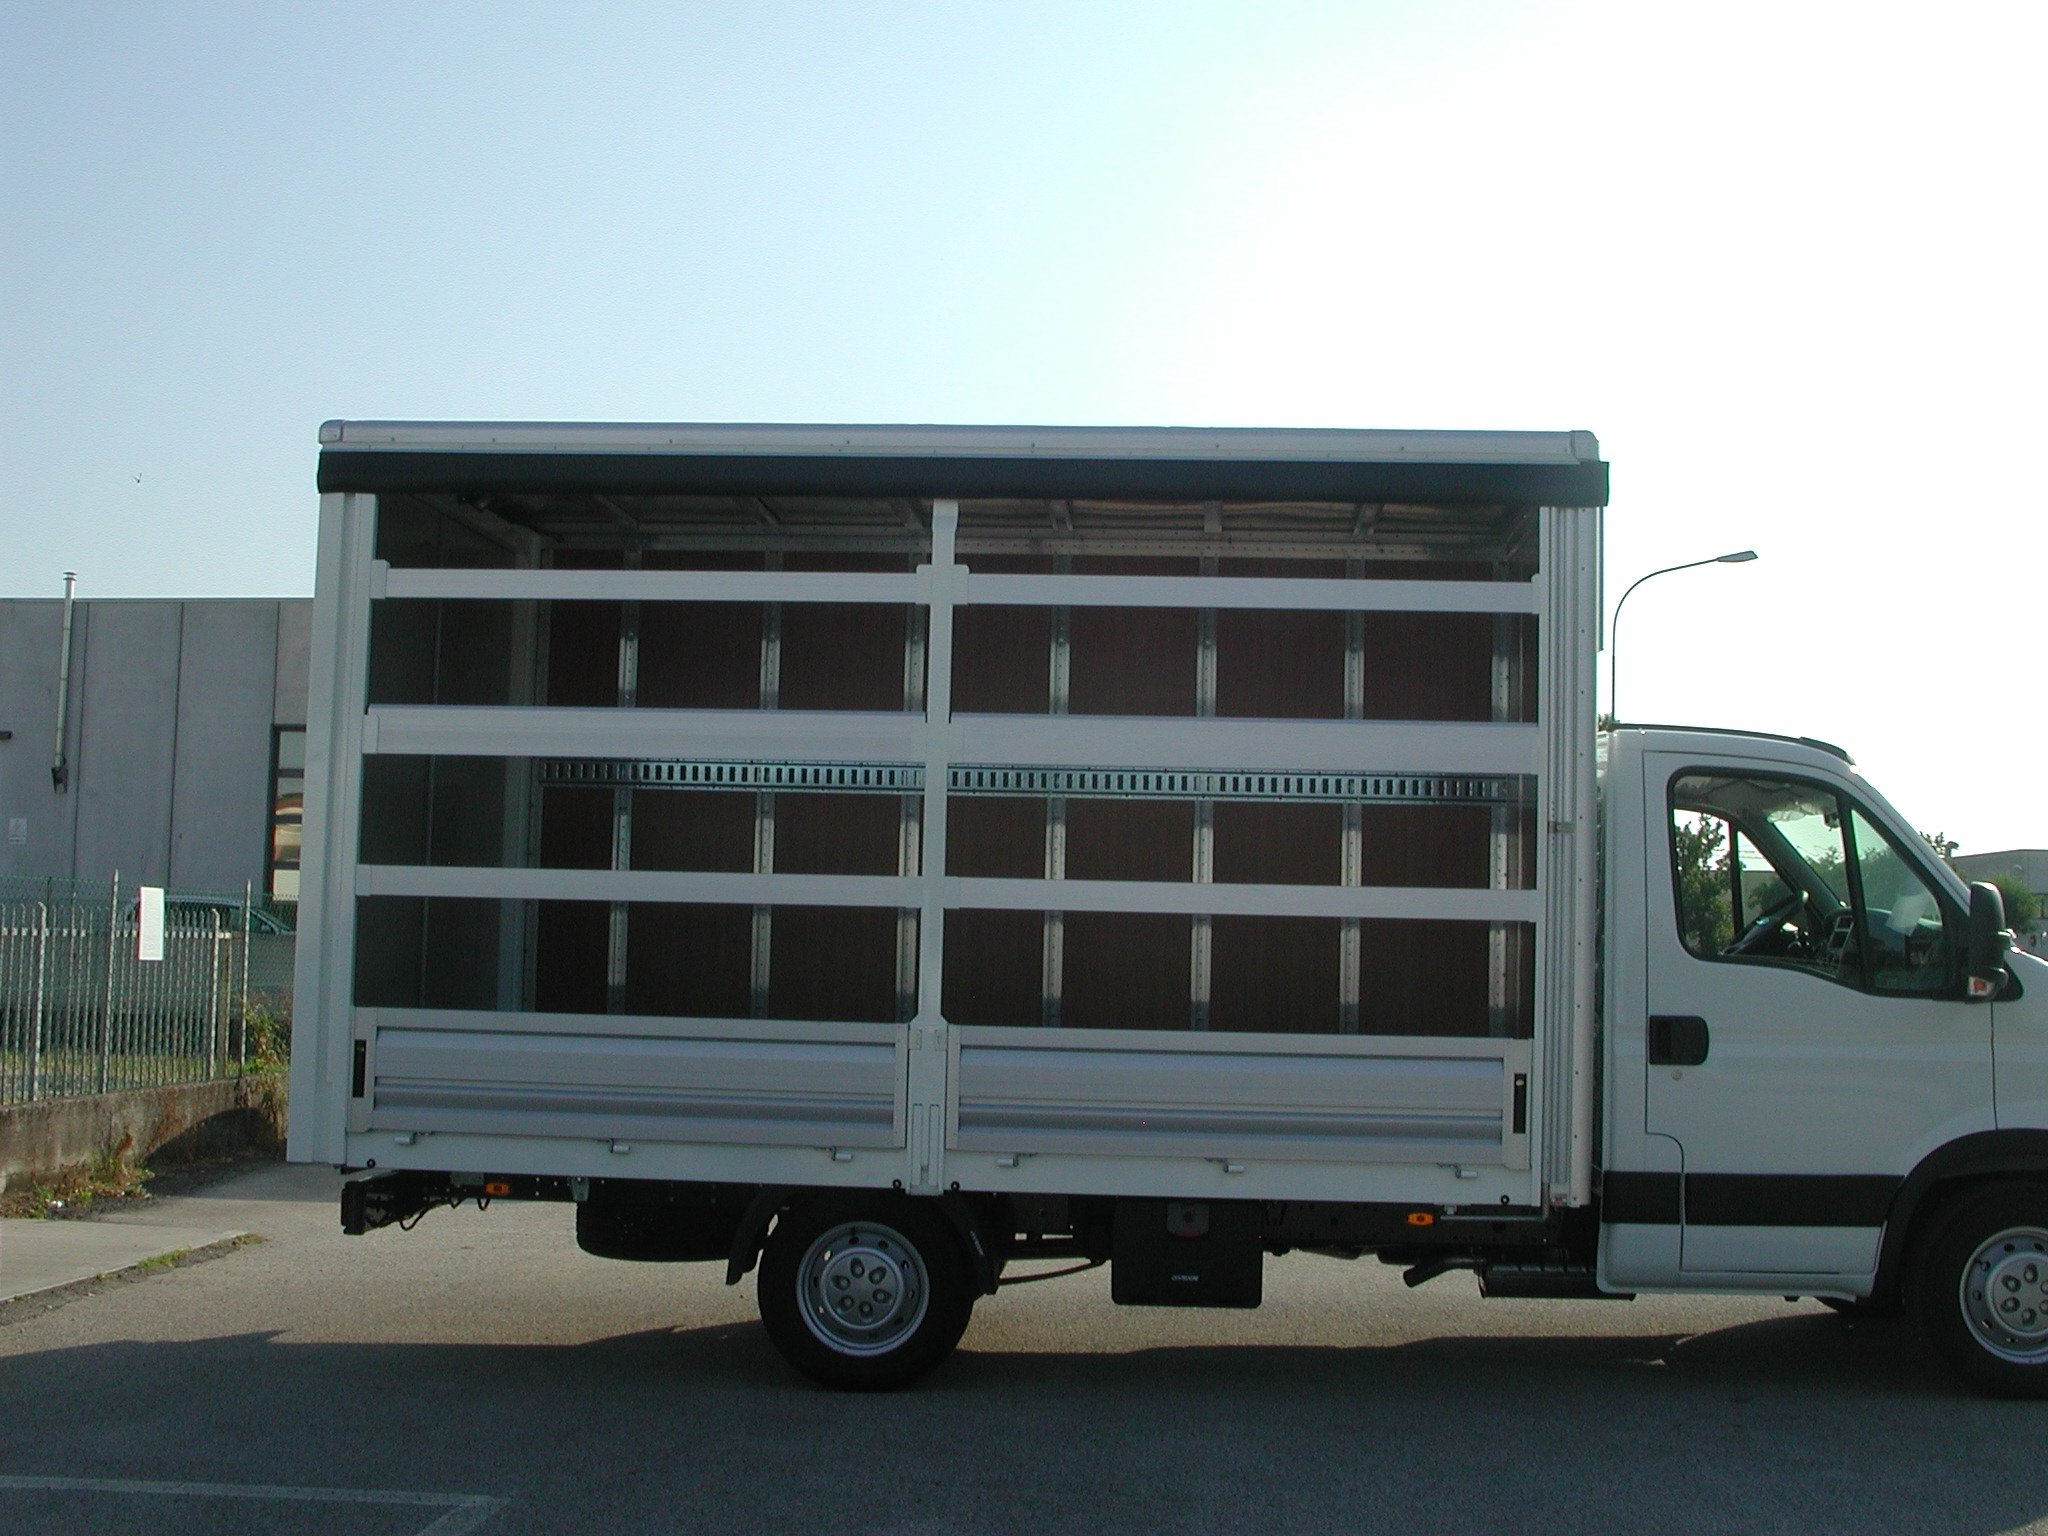 furgone speciale con anta laterale a scomparsa